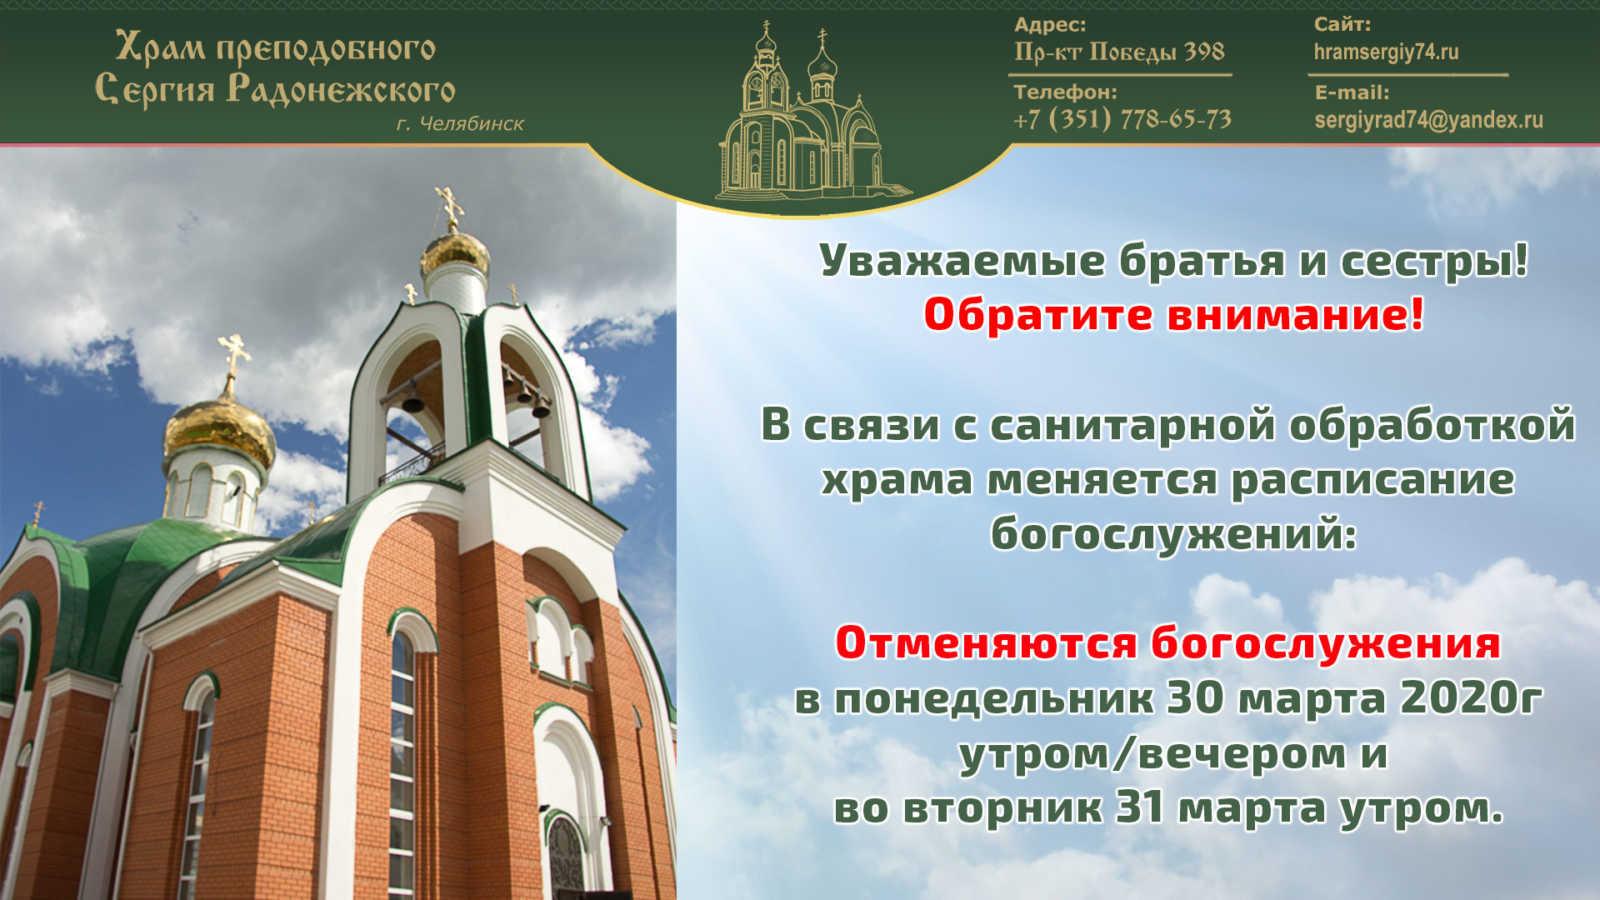 Санитарная обработка храма, отменяются богослужения